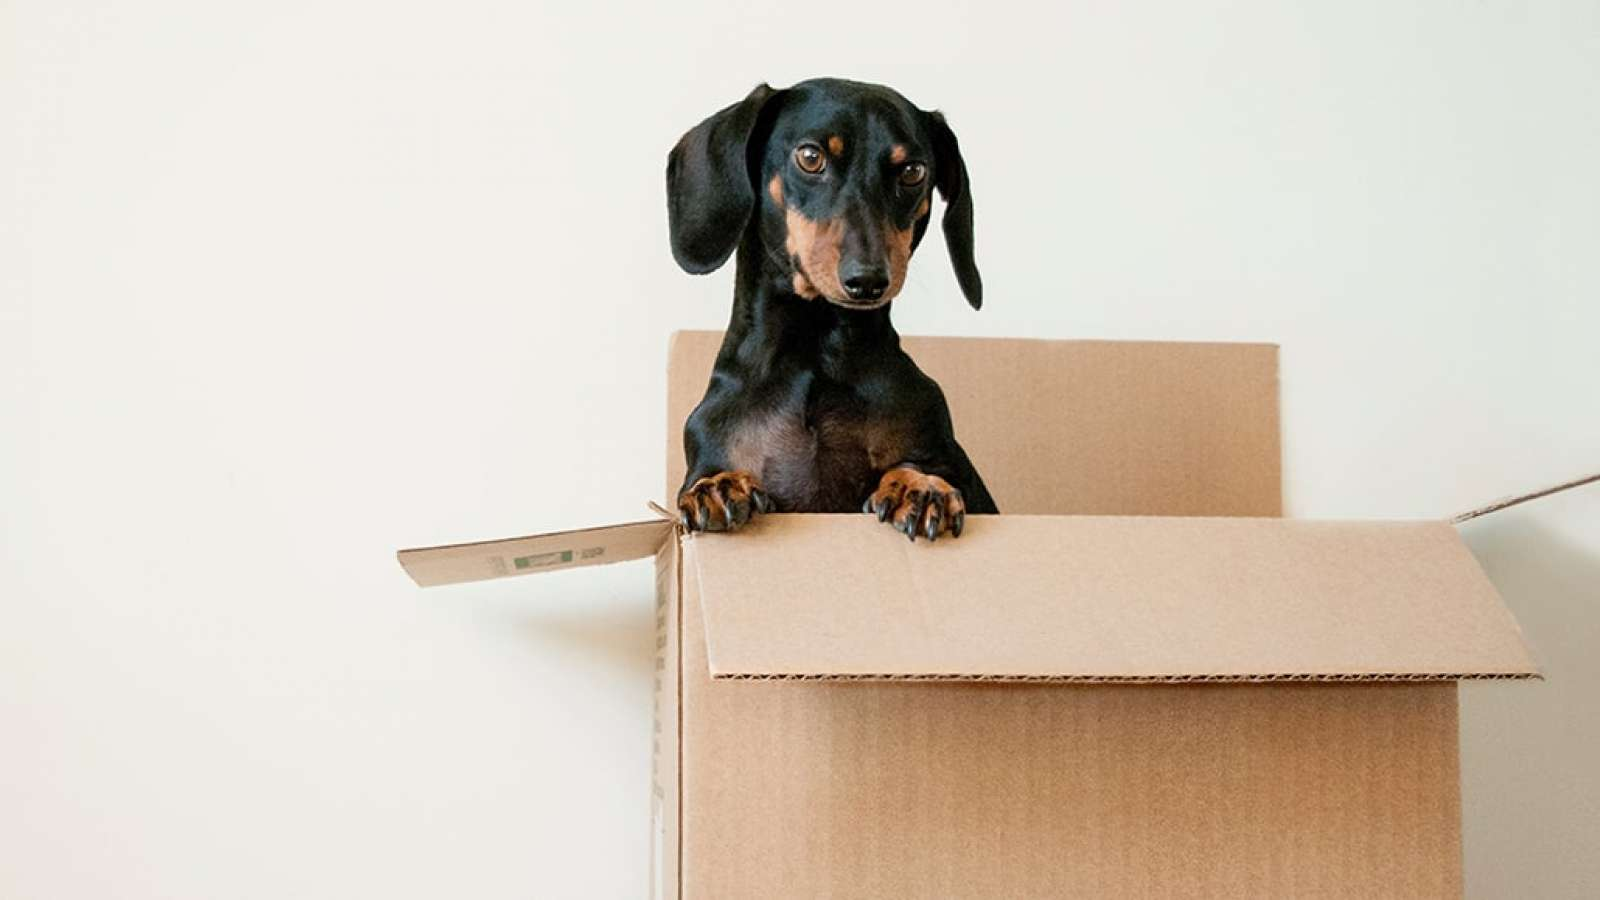 Dog in a cardboard box